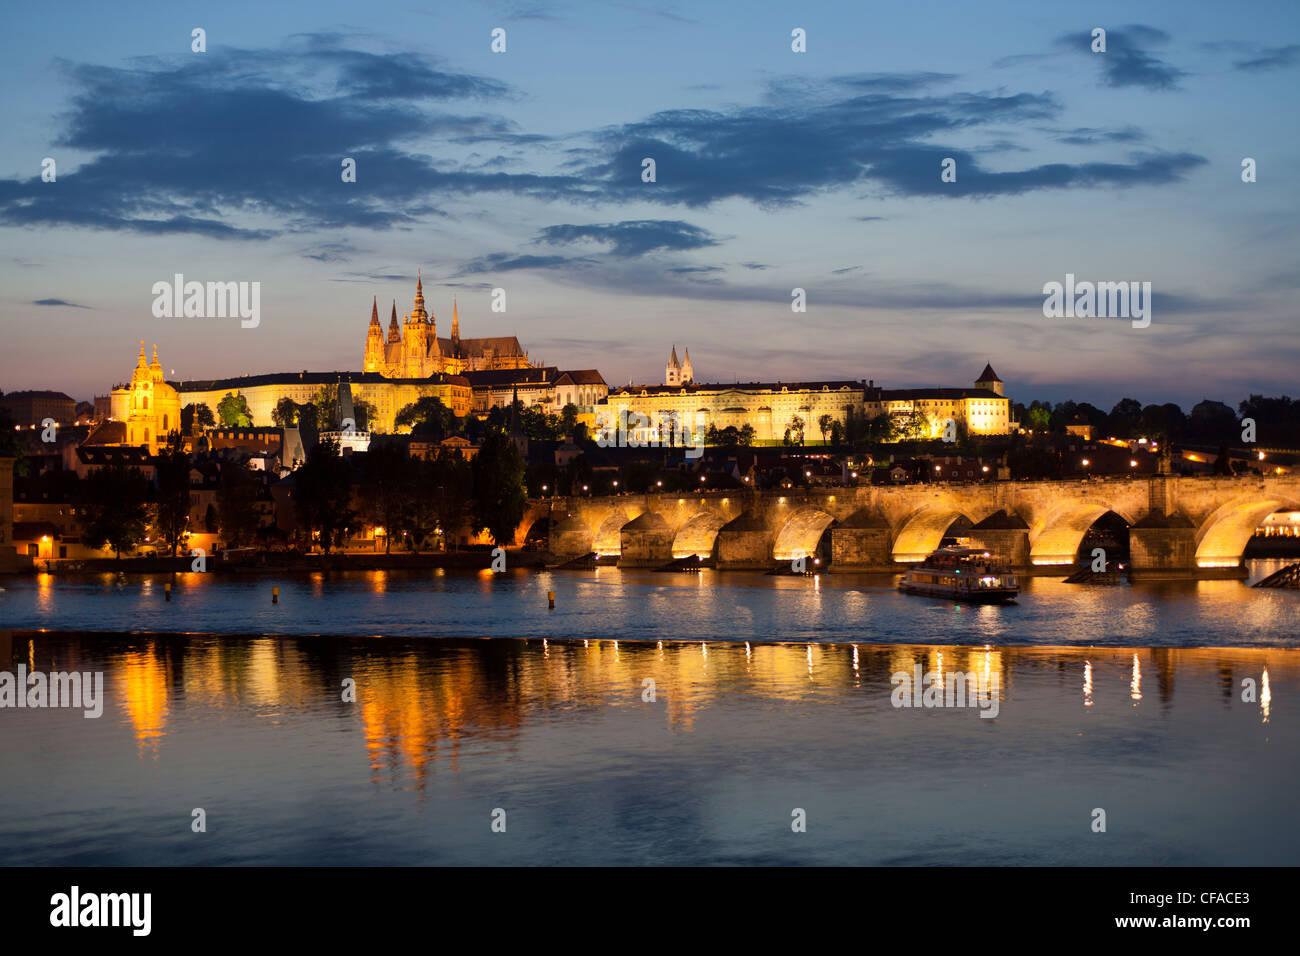 St. Vitus Cathedral, Karlsbrücke und das Budaer Burgviertel beleuchtet in der Nacht, Prag, Tschechische Republik Stockbild